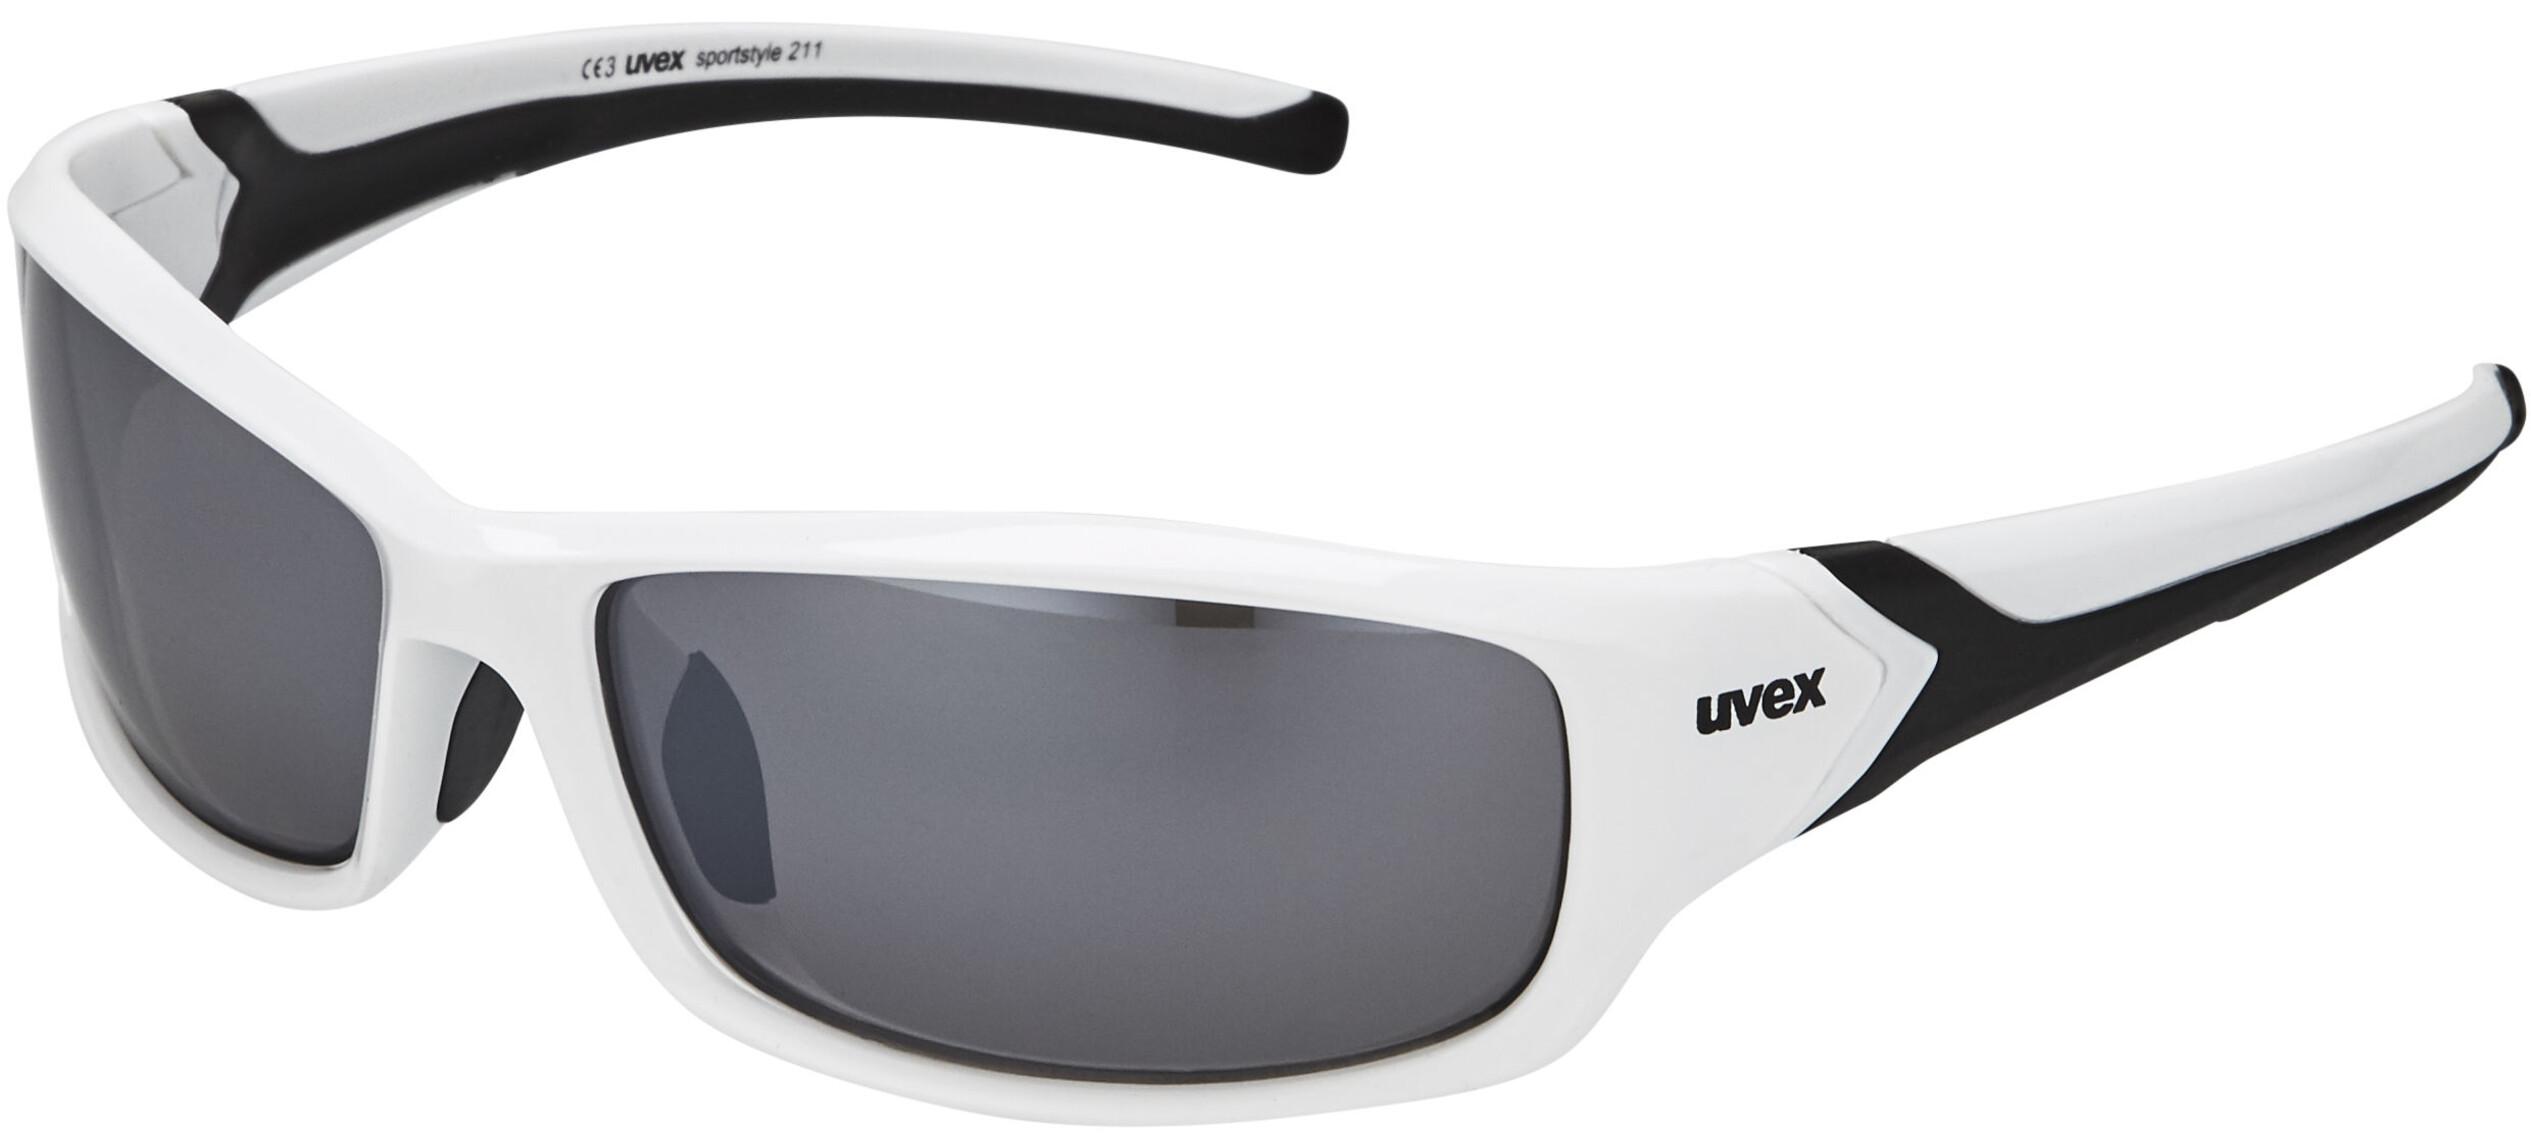 UVEX sportstyle 211 - Lunettes cyclisme - blanc - Boutique de vélos ... c5f720e2ebfc